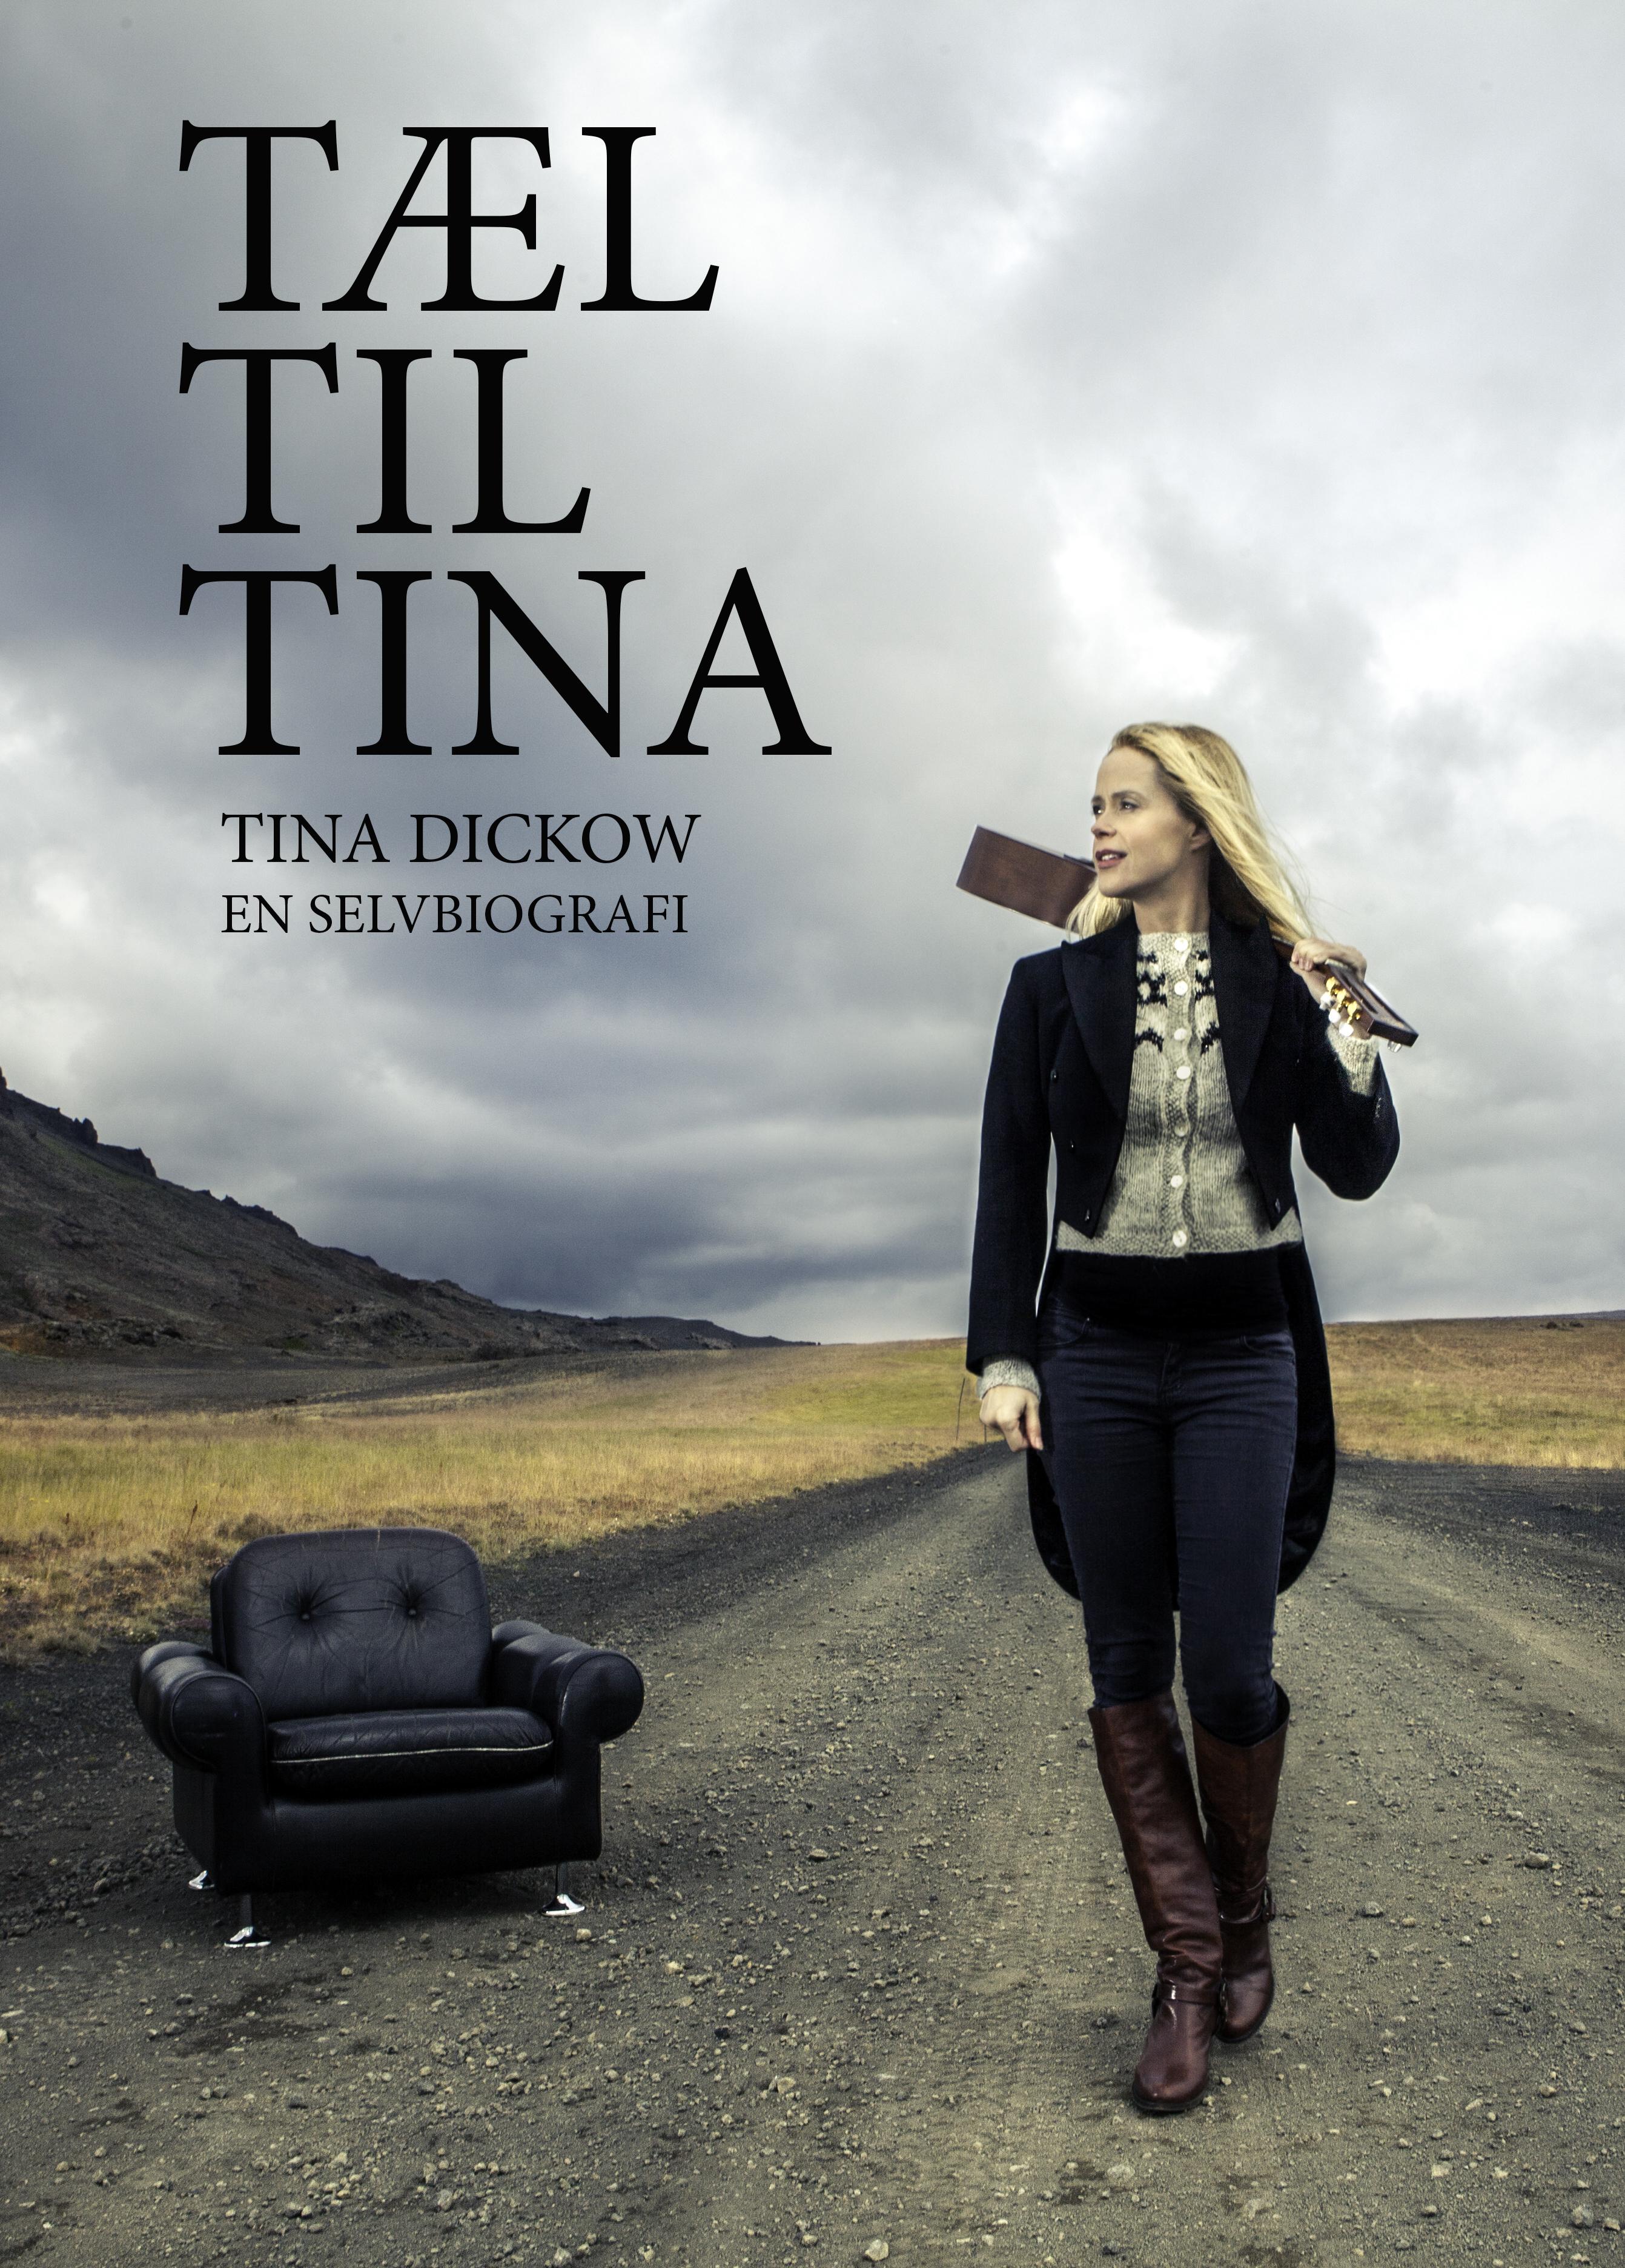 Tæl til Tina - Tina Dickow - Bøger - Finest Gramophone - 9788797019016 - 6/11-2017